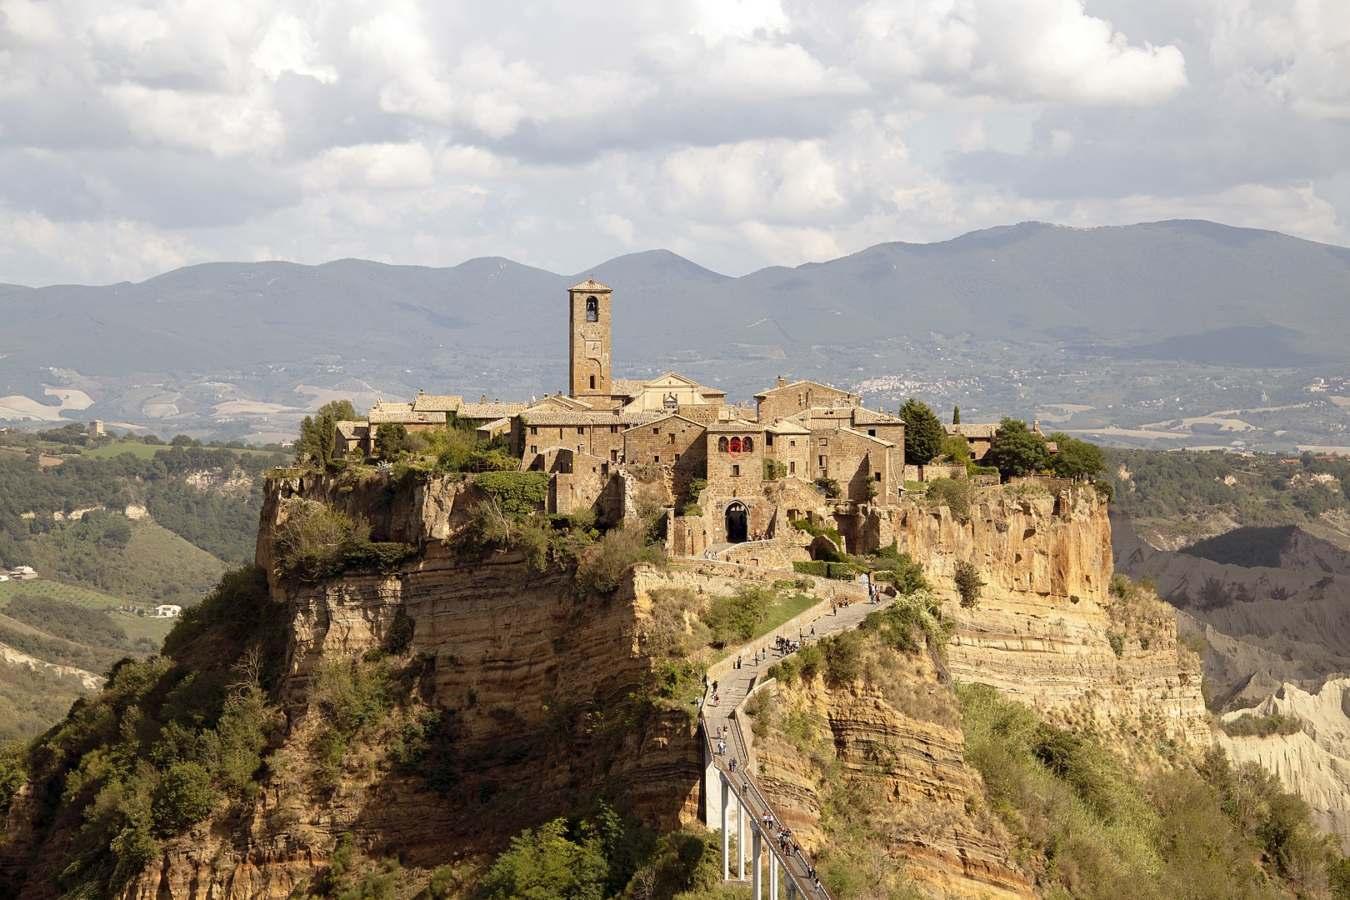 Viaggi Levi presenta i nuovi itinerari alla scoperta di un'Italia insolita